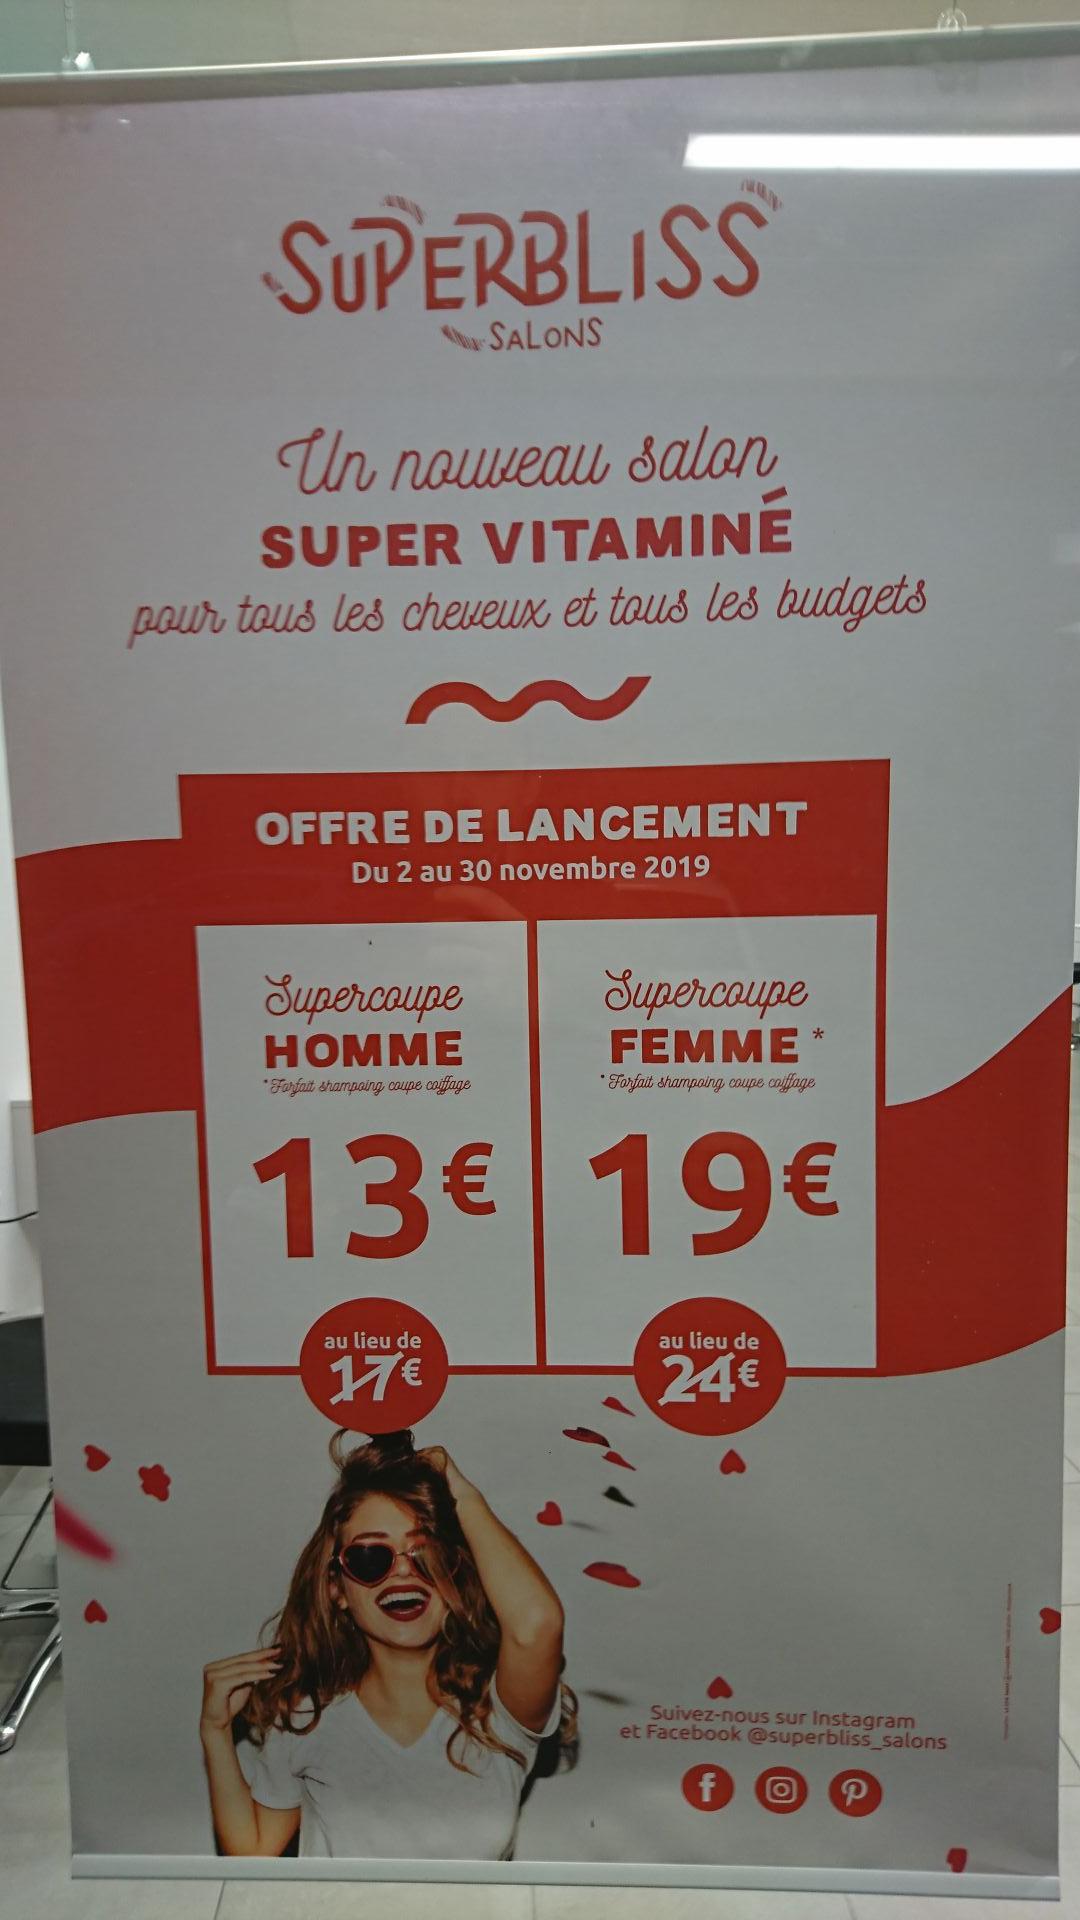 Forfait coupe de cheveux Homme + shampoing à 13€ - SuperBliss Hennebont (56)